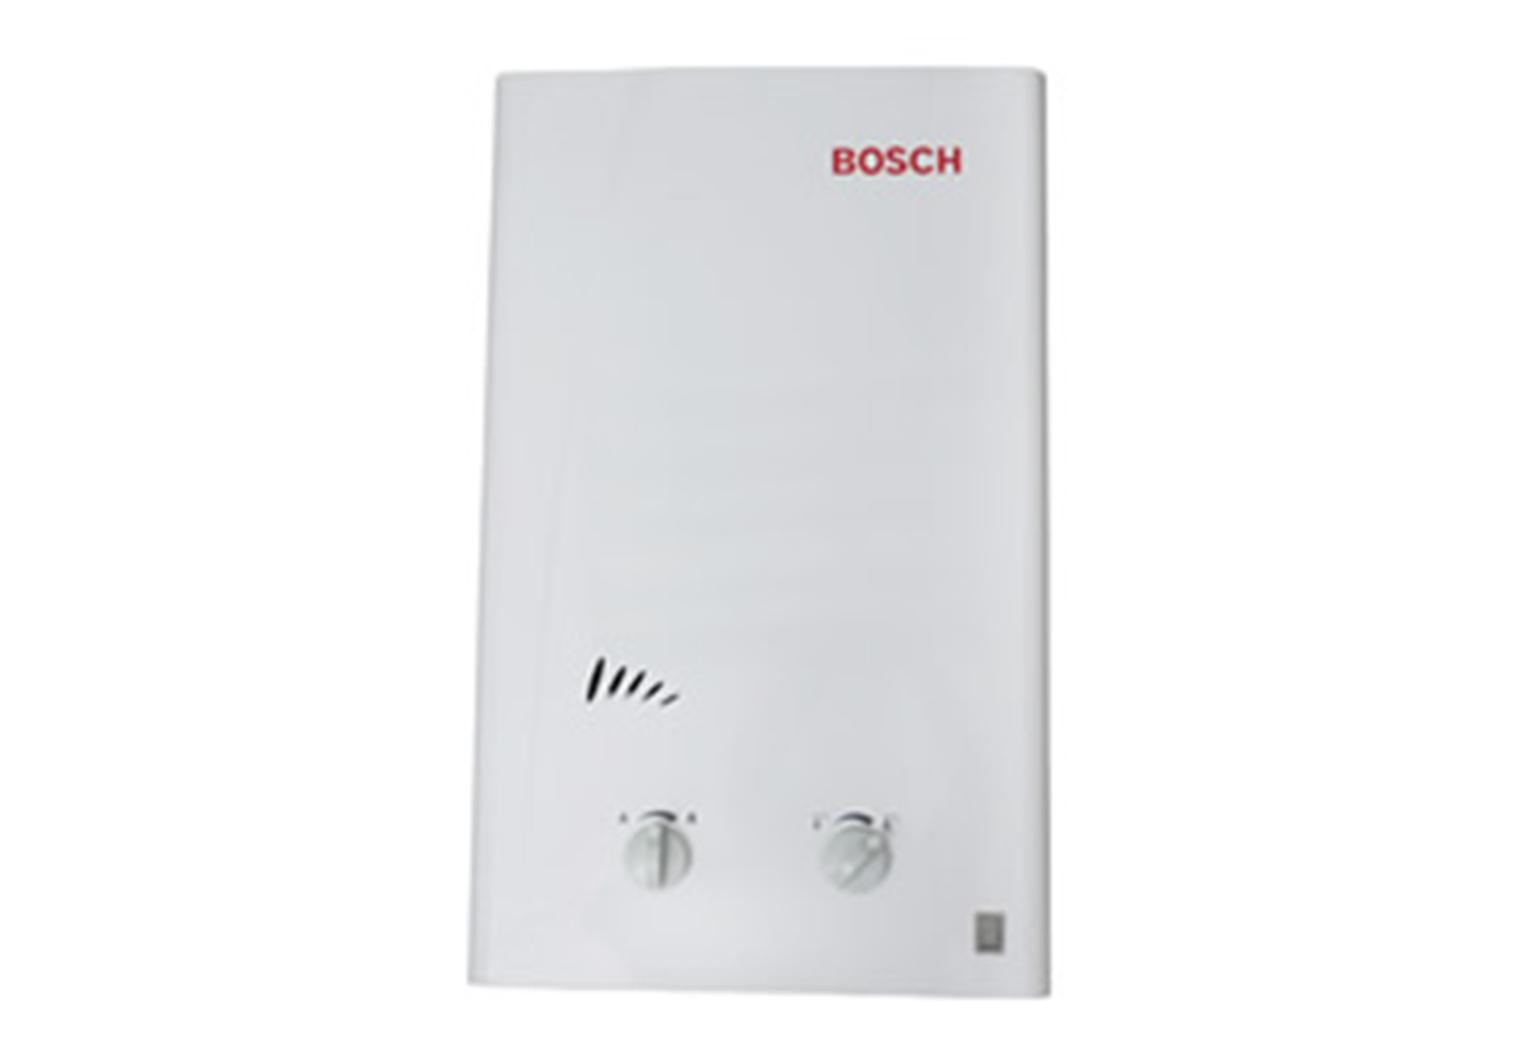 Aquecedor de passagem de vazão 13,0 alimentação pilhas 1 Ducha + 1 Pia gás natural Bosch